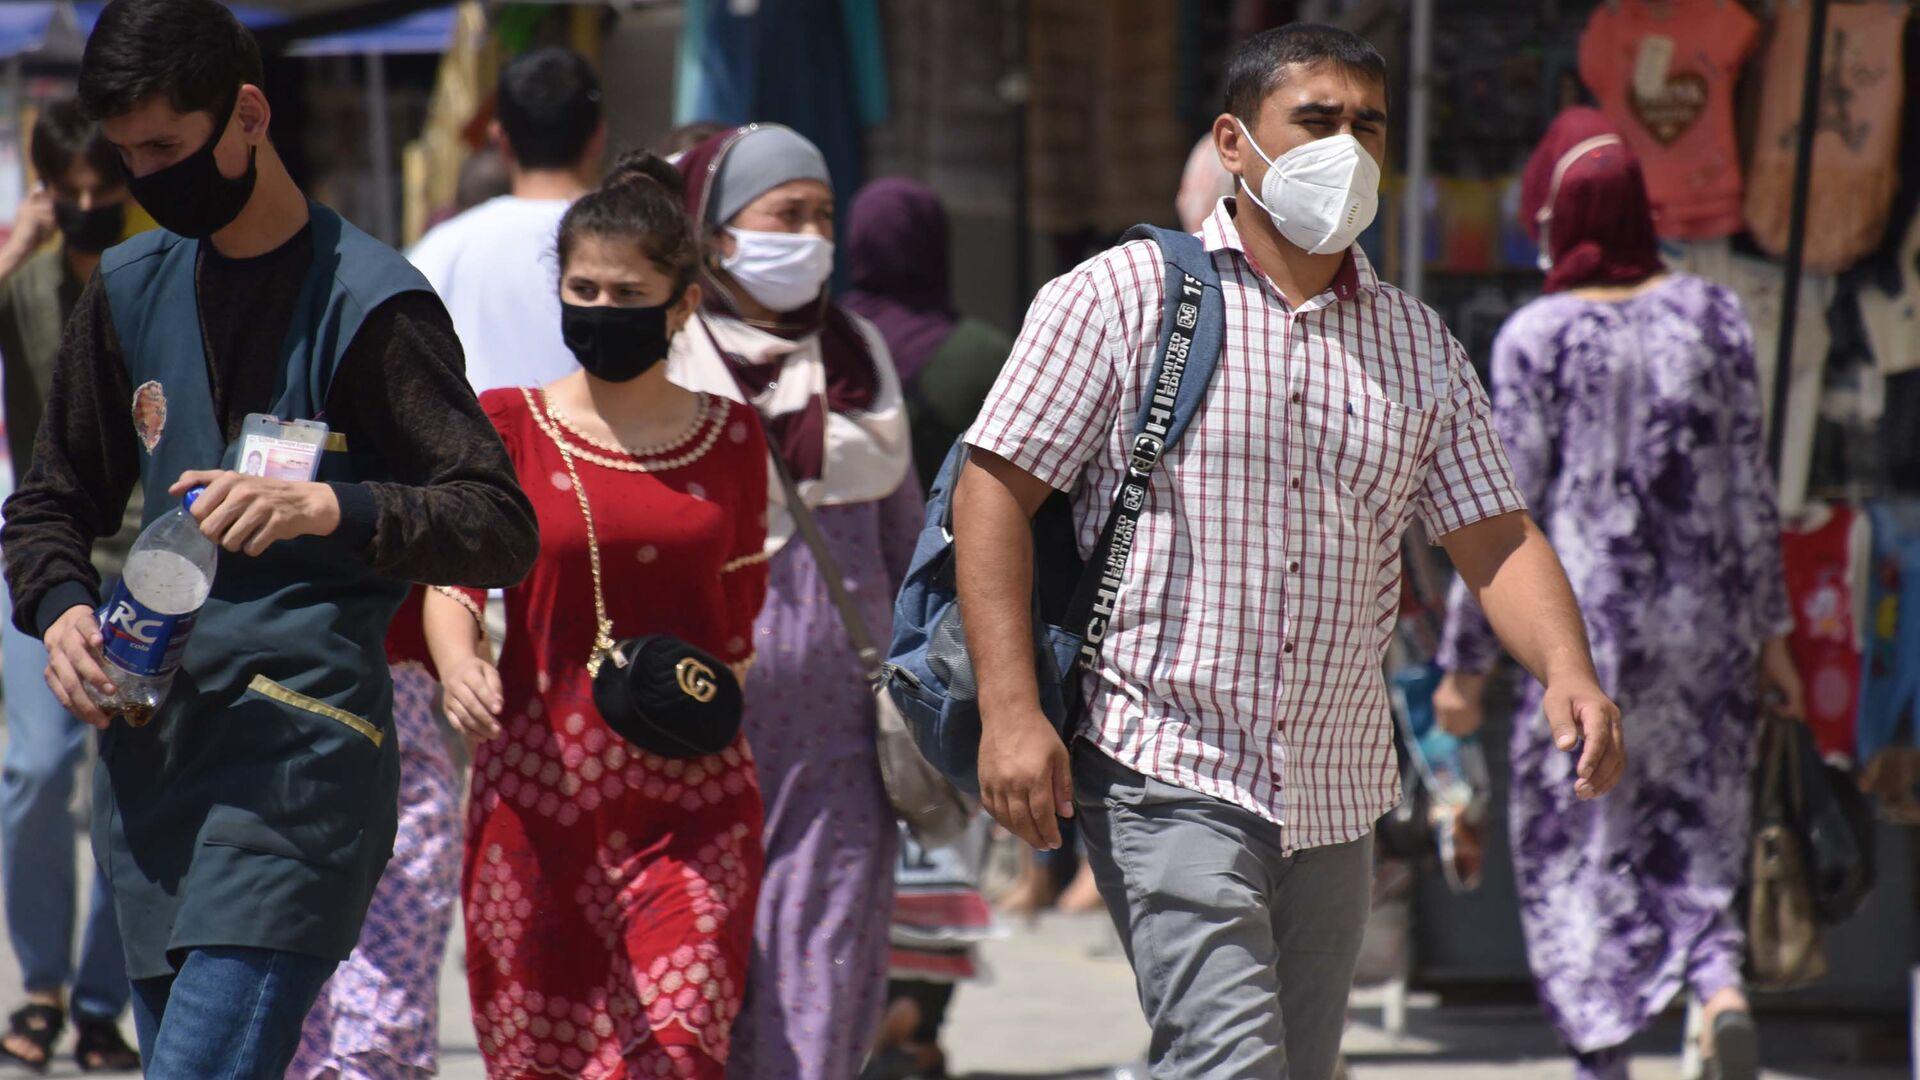 Люди в защитных масках на улице Душанбе  - Sputnik Таджикистан, 1920, 12.07.2021